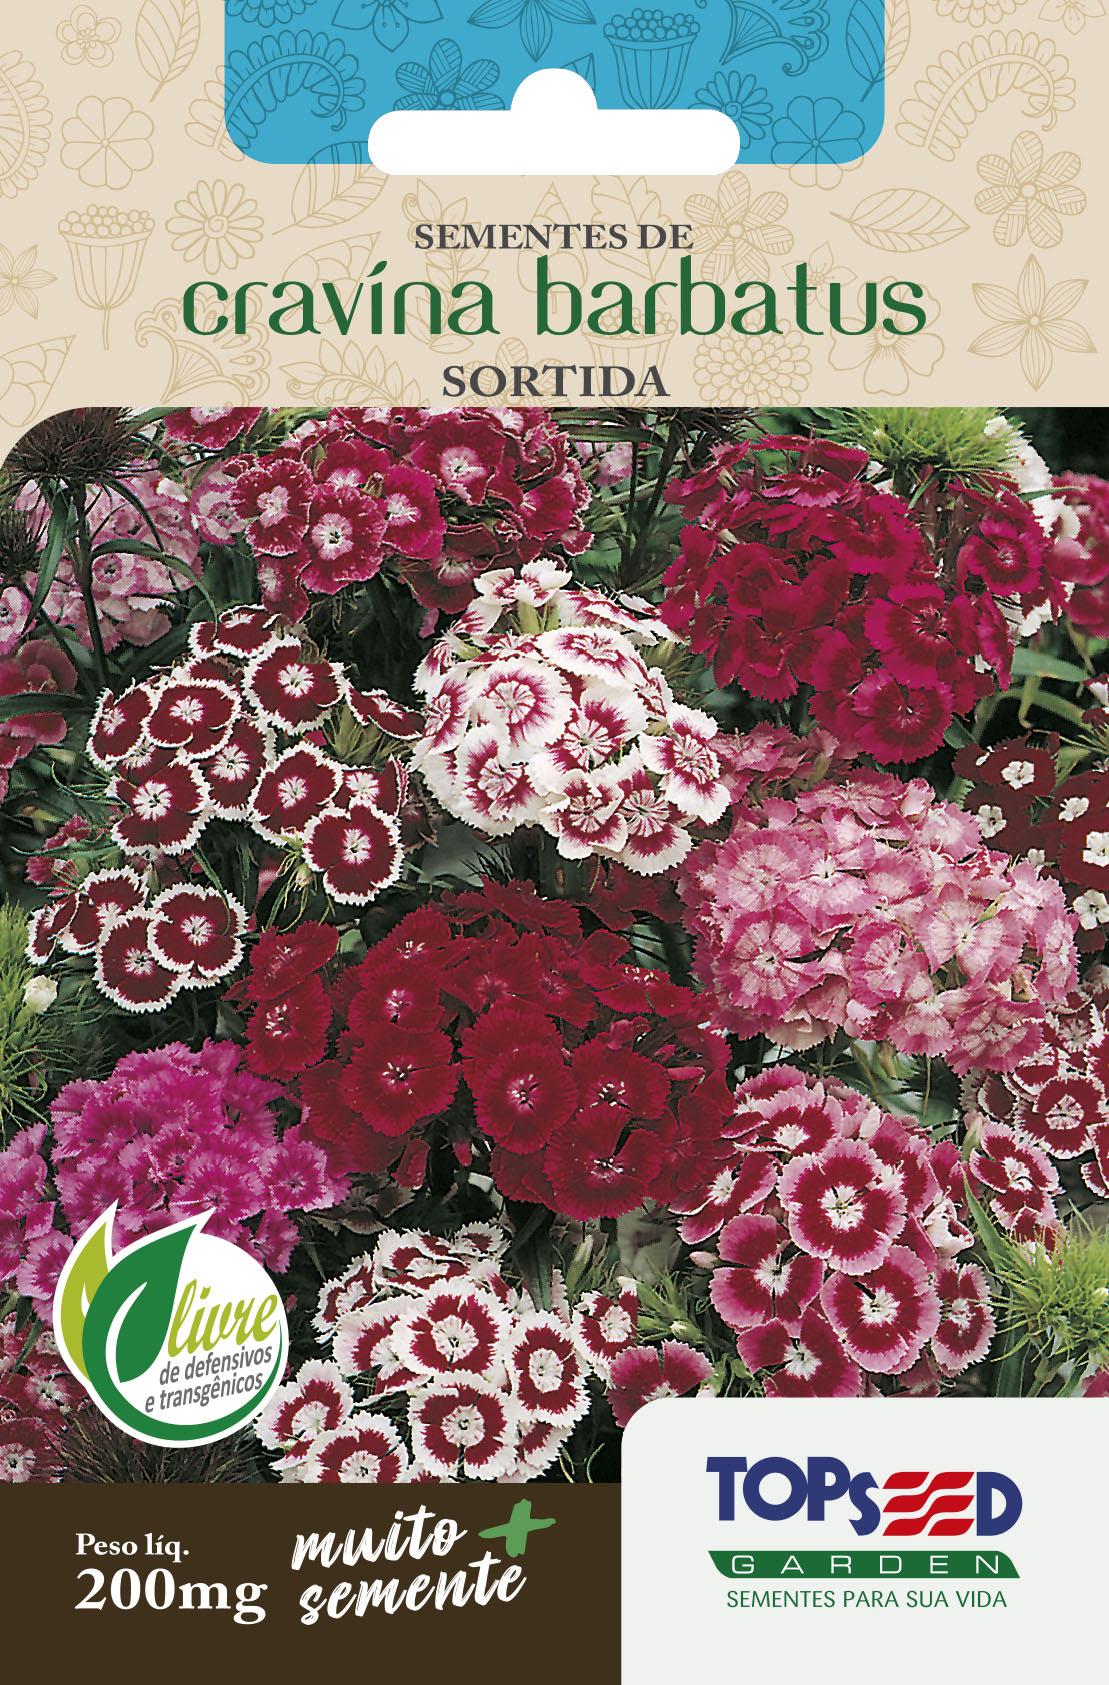 CRAVINA BARBATUS SORTIDA